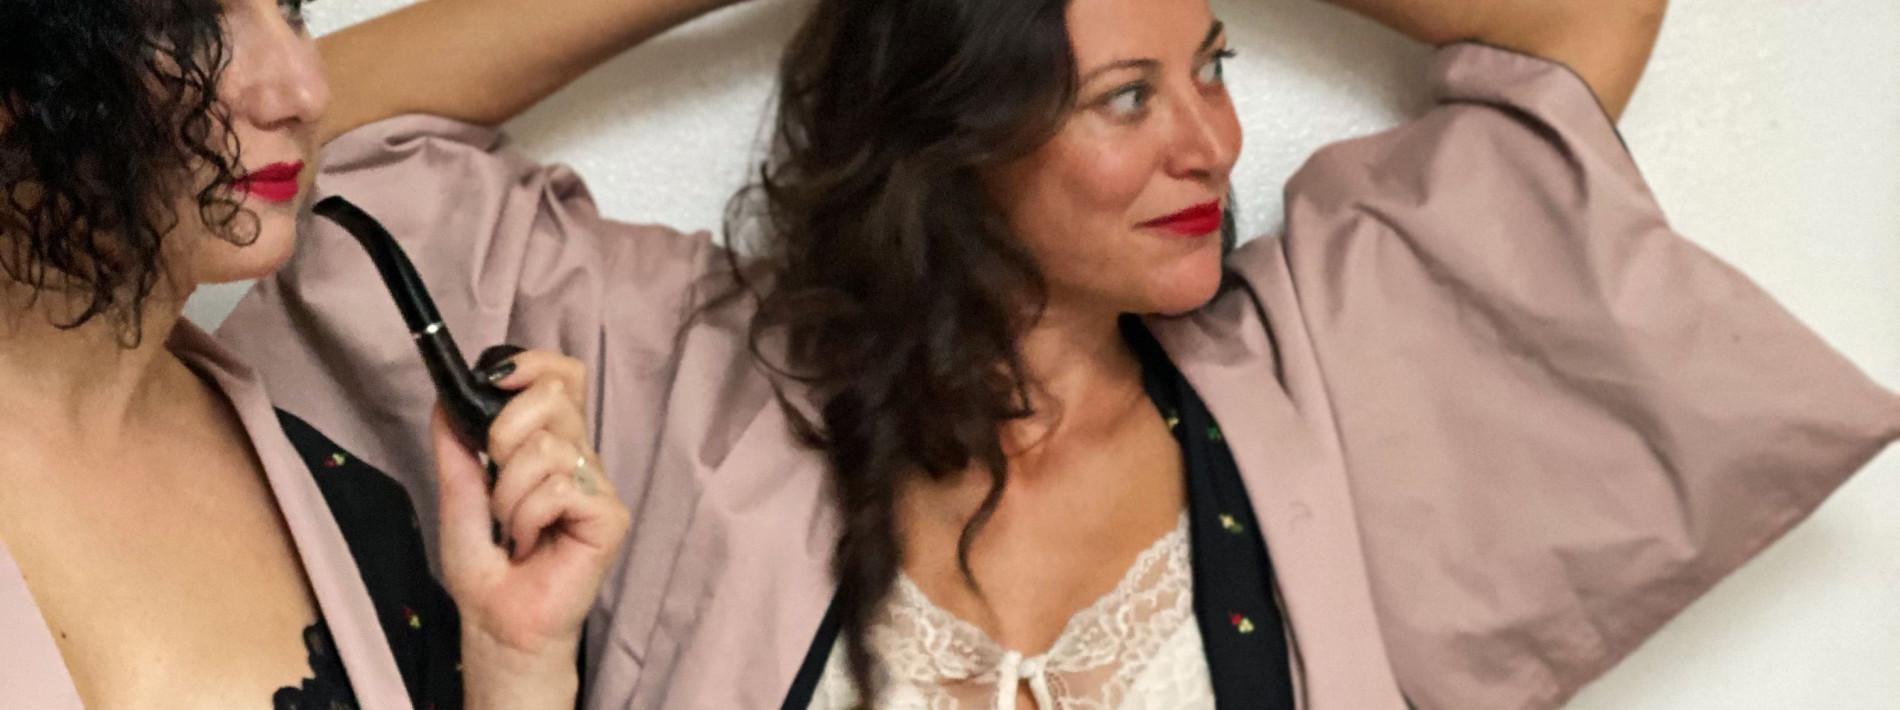 amour fou* - Astrid Bleier